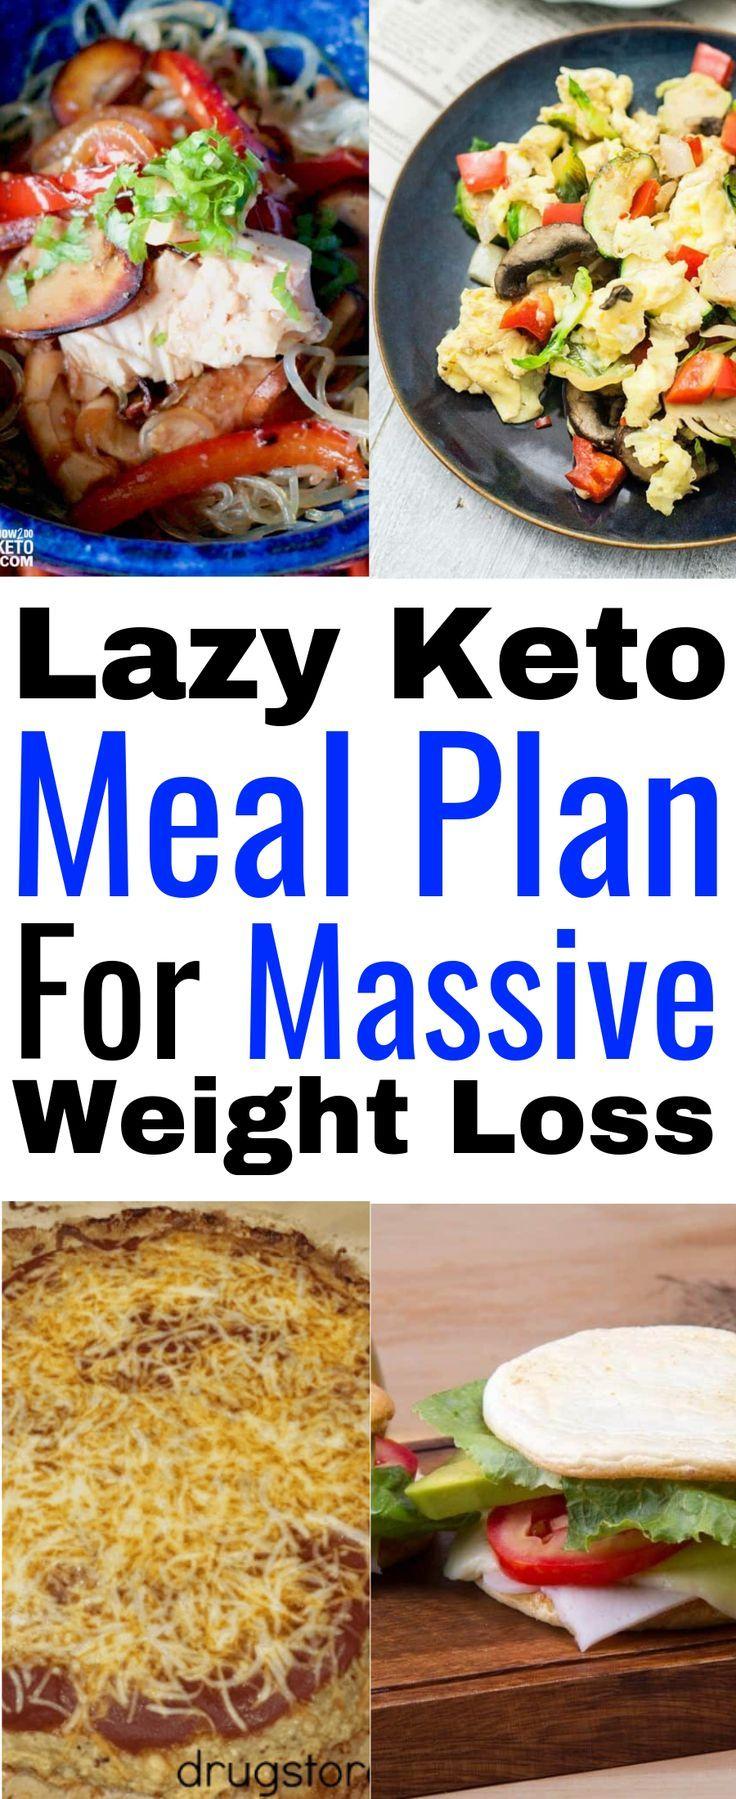 Lazy Keto-Speiseplan (30-tägiger Keto-Speiseplan mit Rezepten für Anfänger) - Diät Blog #ketomealplan